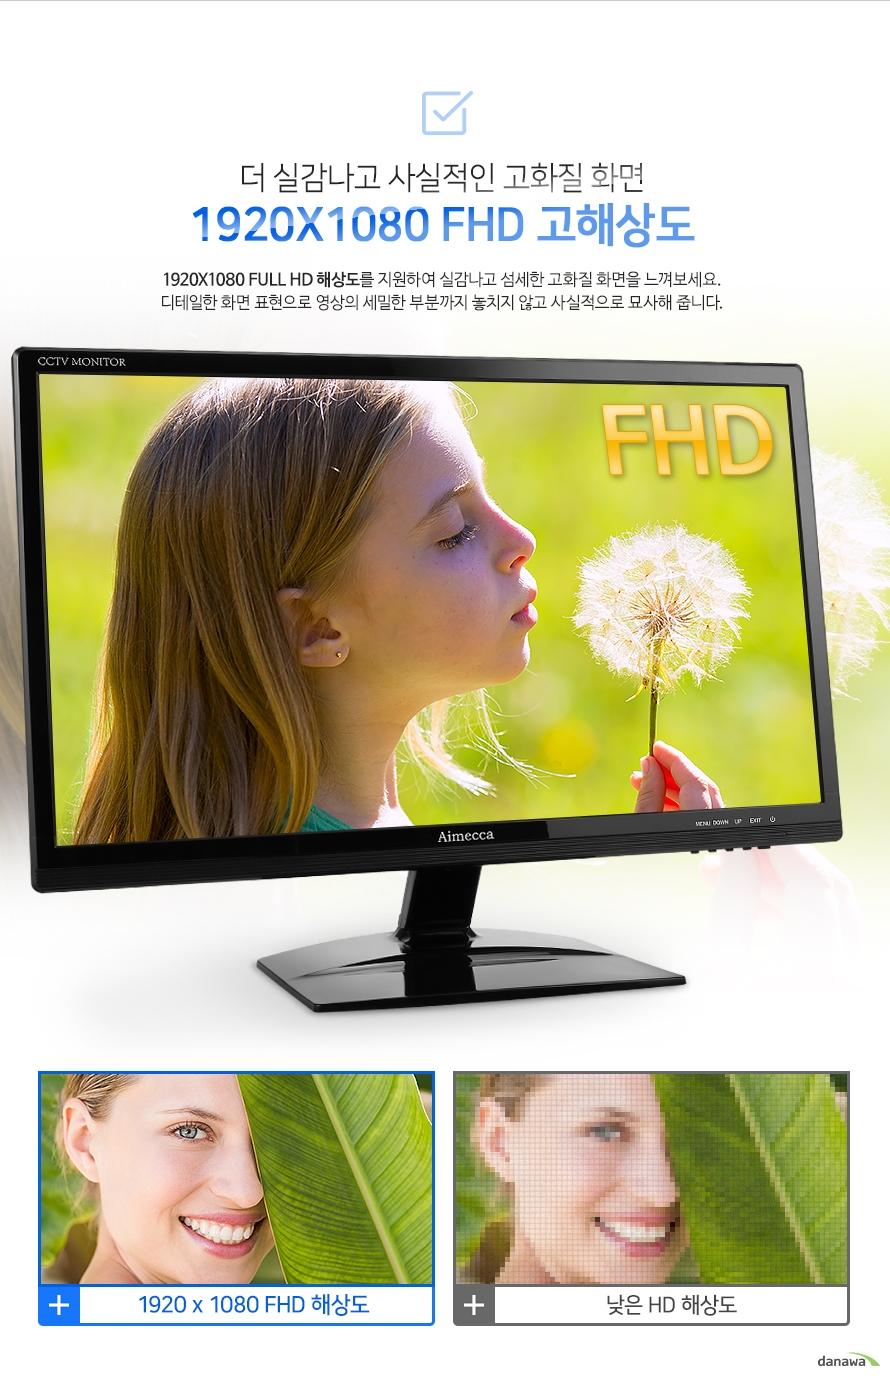 더 실감나고 사실적인 고화질 화면 1920X1080 FHD 고해상도 - 1920X1080 FULL HD 해상도를 지원하여 실감나고 섬세한 고화질 화면을 느껴보세요. 디테일한 화면 표현으로 영상의 세밀한 부분까지 놓치지 않고 사실적으로 묘사해 줍니다.    1920 x 1080 FHD 해상도/낮은해상도비교